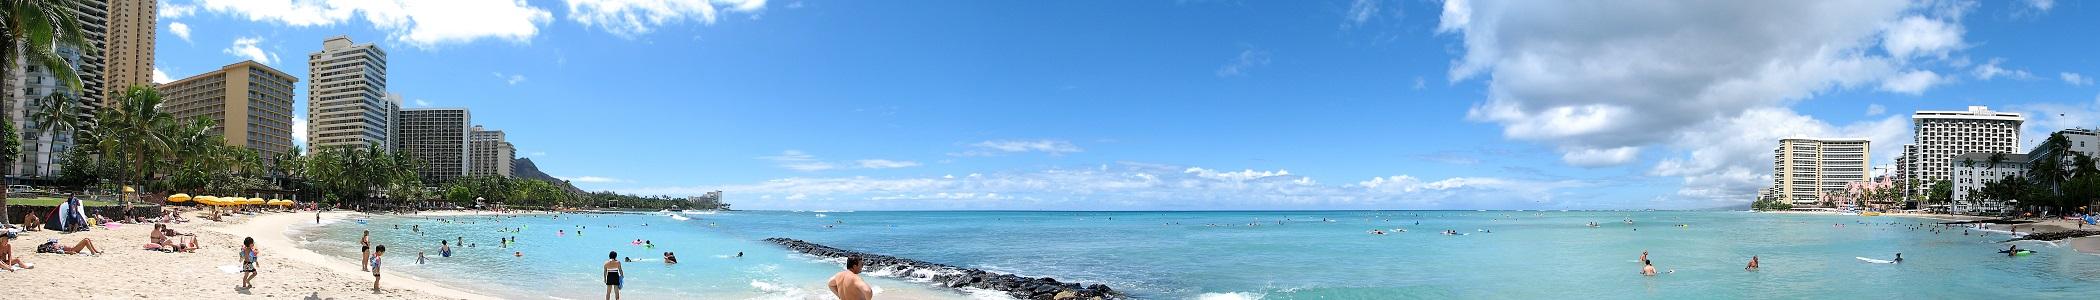 Honolulu Waikiki Travel Guide At Wikivoyage